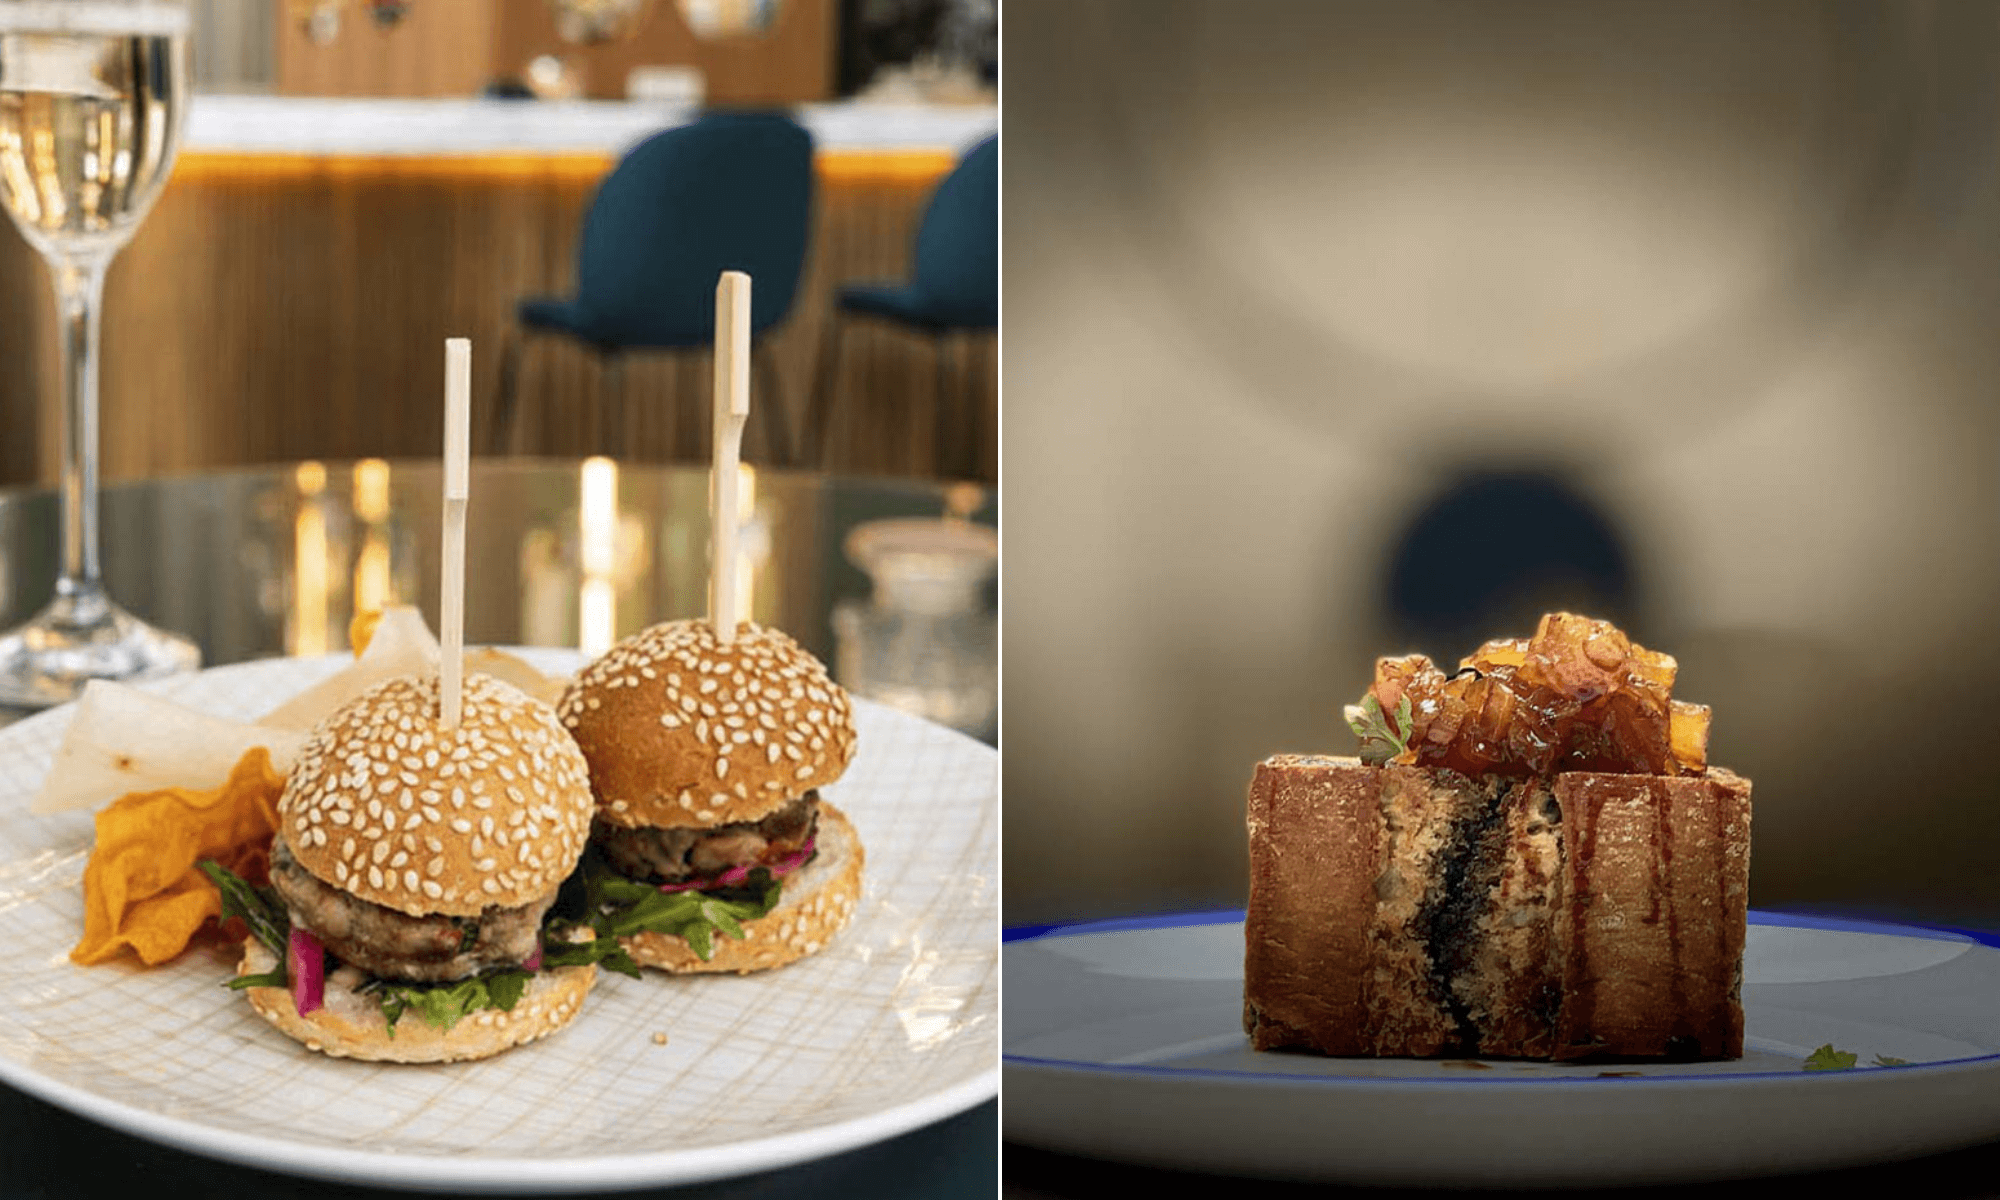 España celebra la quinta edición del Hotel Tapa Tour, un festival gastronómico que convoca a conocer la cocina de diez hoteles emblemáticos 1